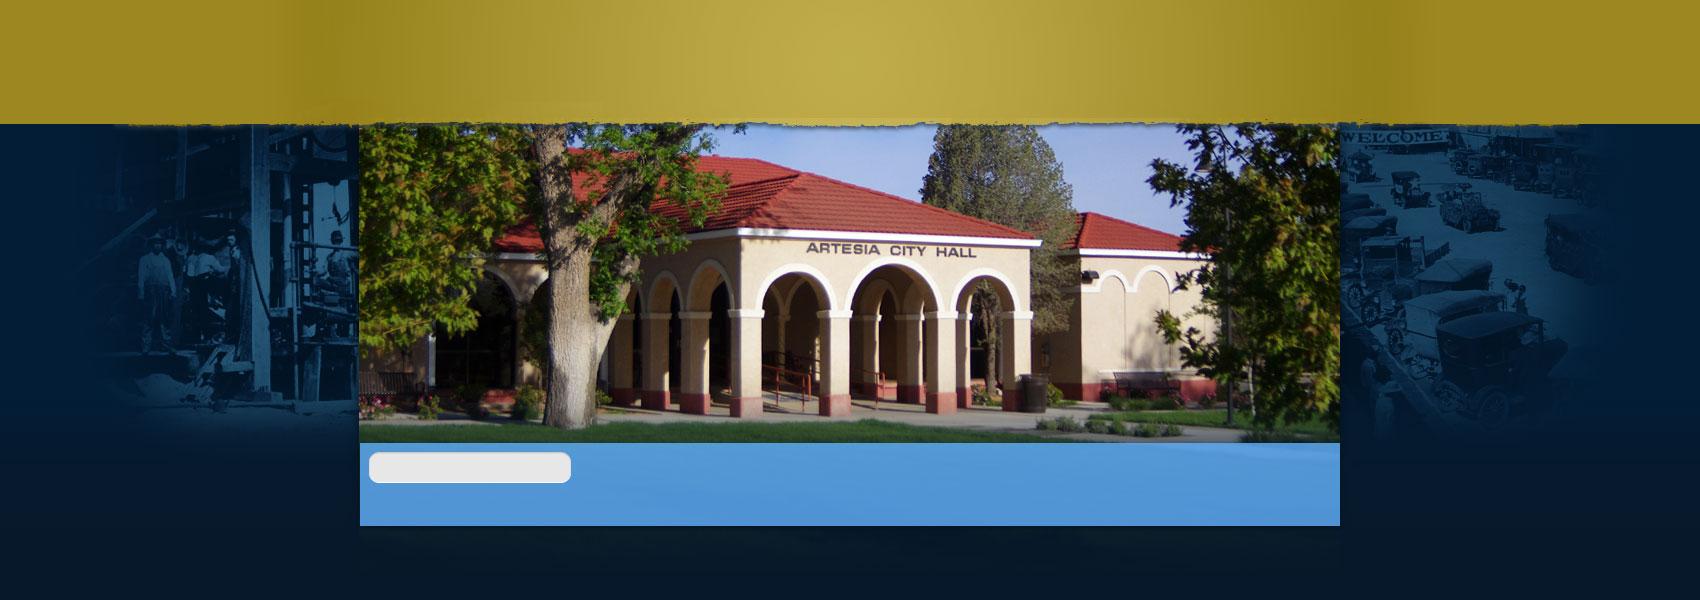 Artesia nm official website official website solutioingenieria Images